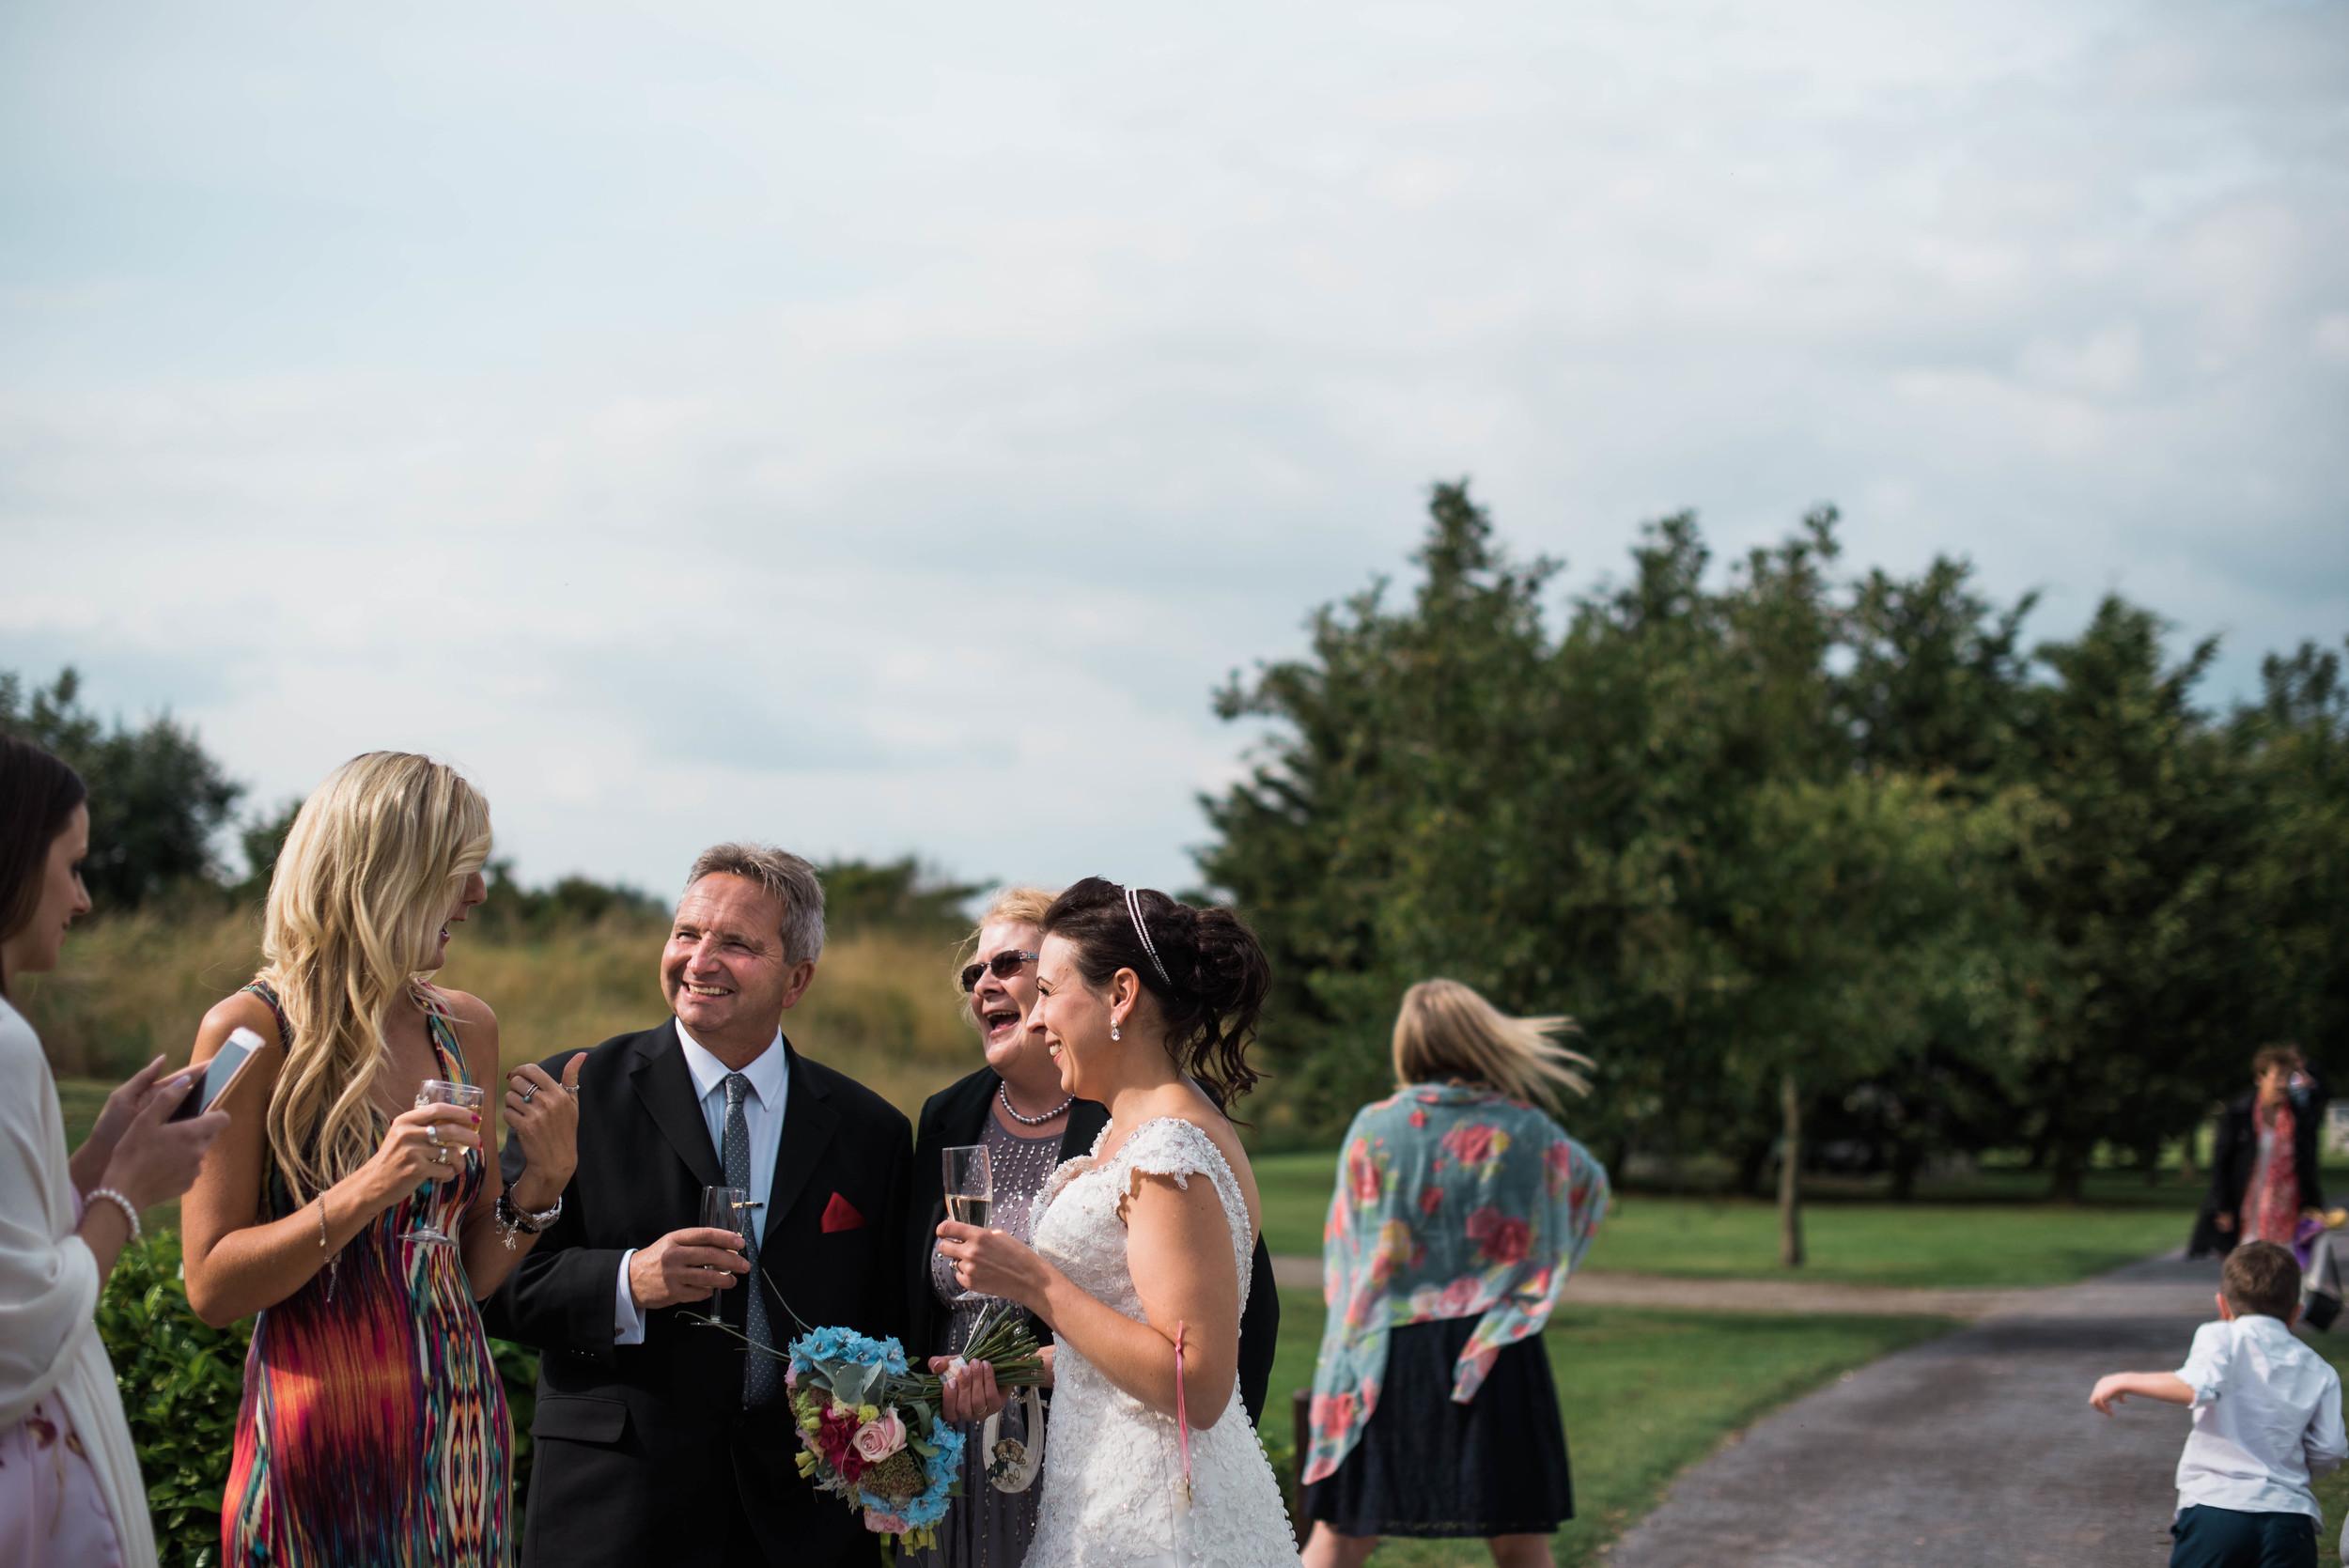 21 Bride Groom Wedding Photography Buckinghamshire.jpg